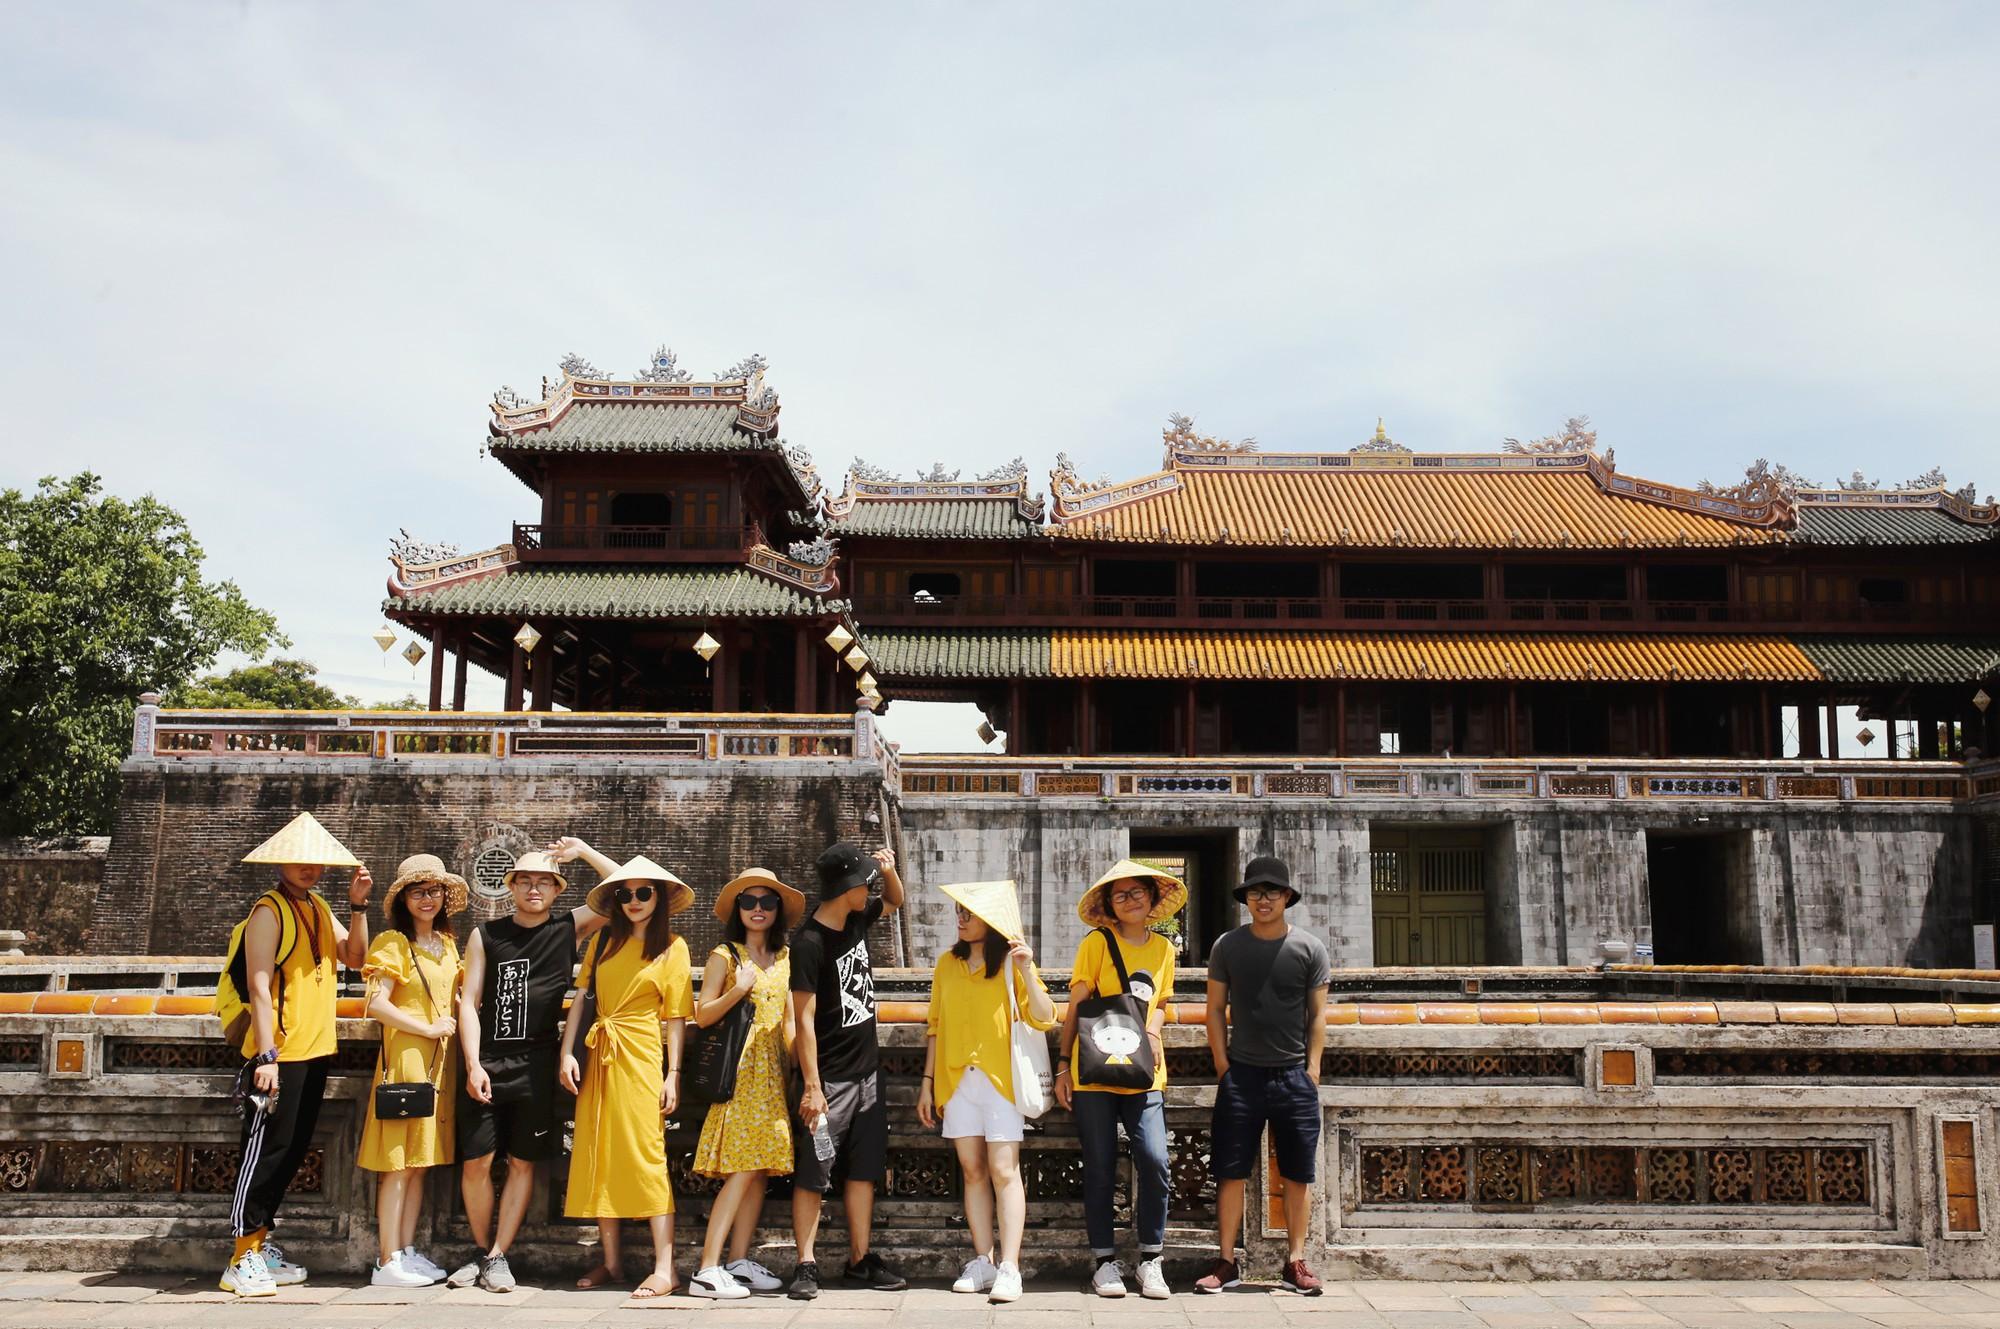 Tưởng chán muốn xỉu, nhưng 4 địa điểm này lại sắp trở thành những thiên đường mới của Việt Nam rồi đấy! - Ảnh 4.